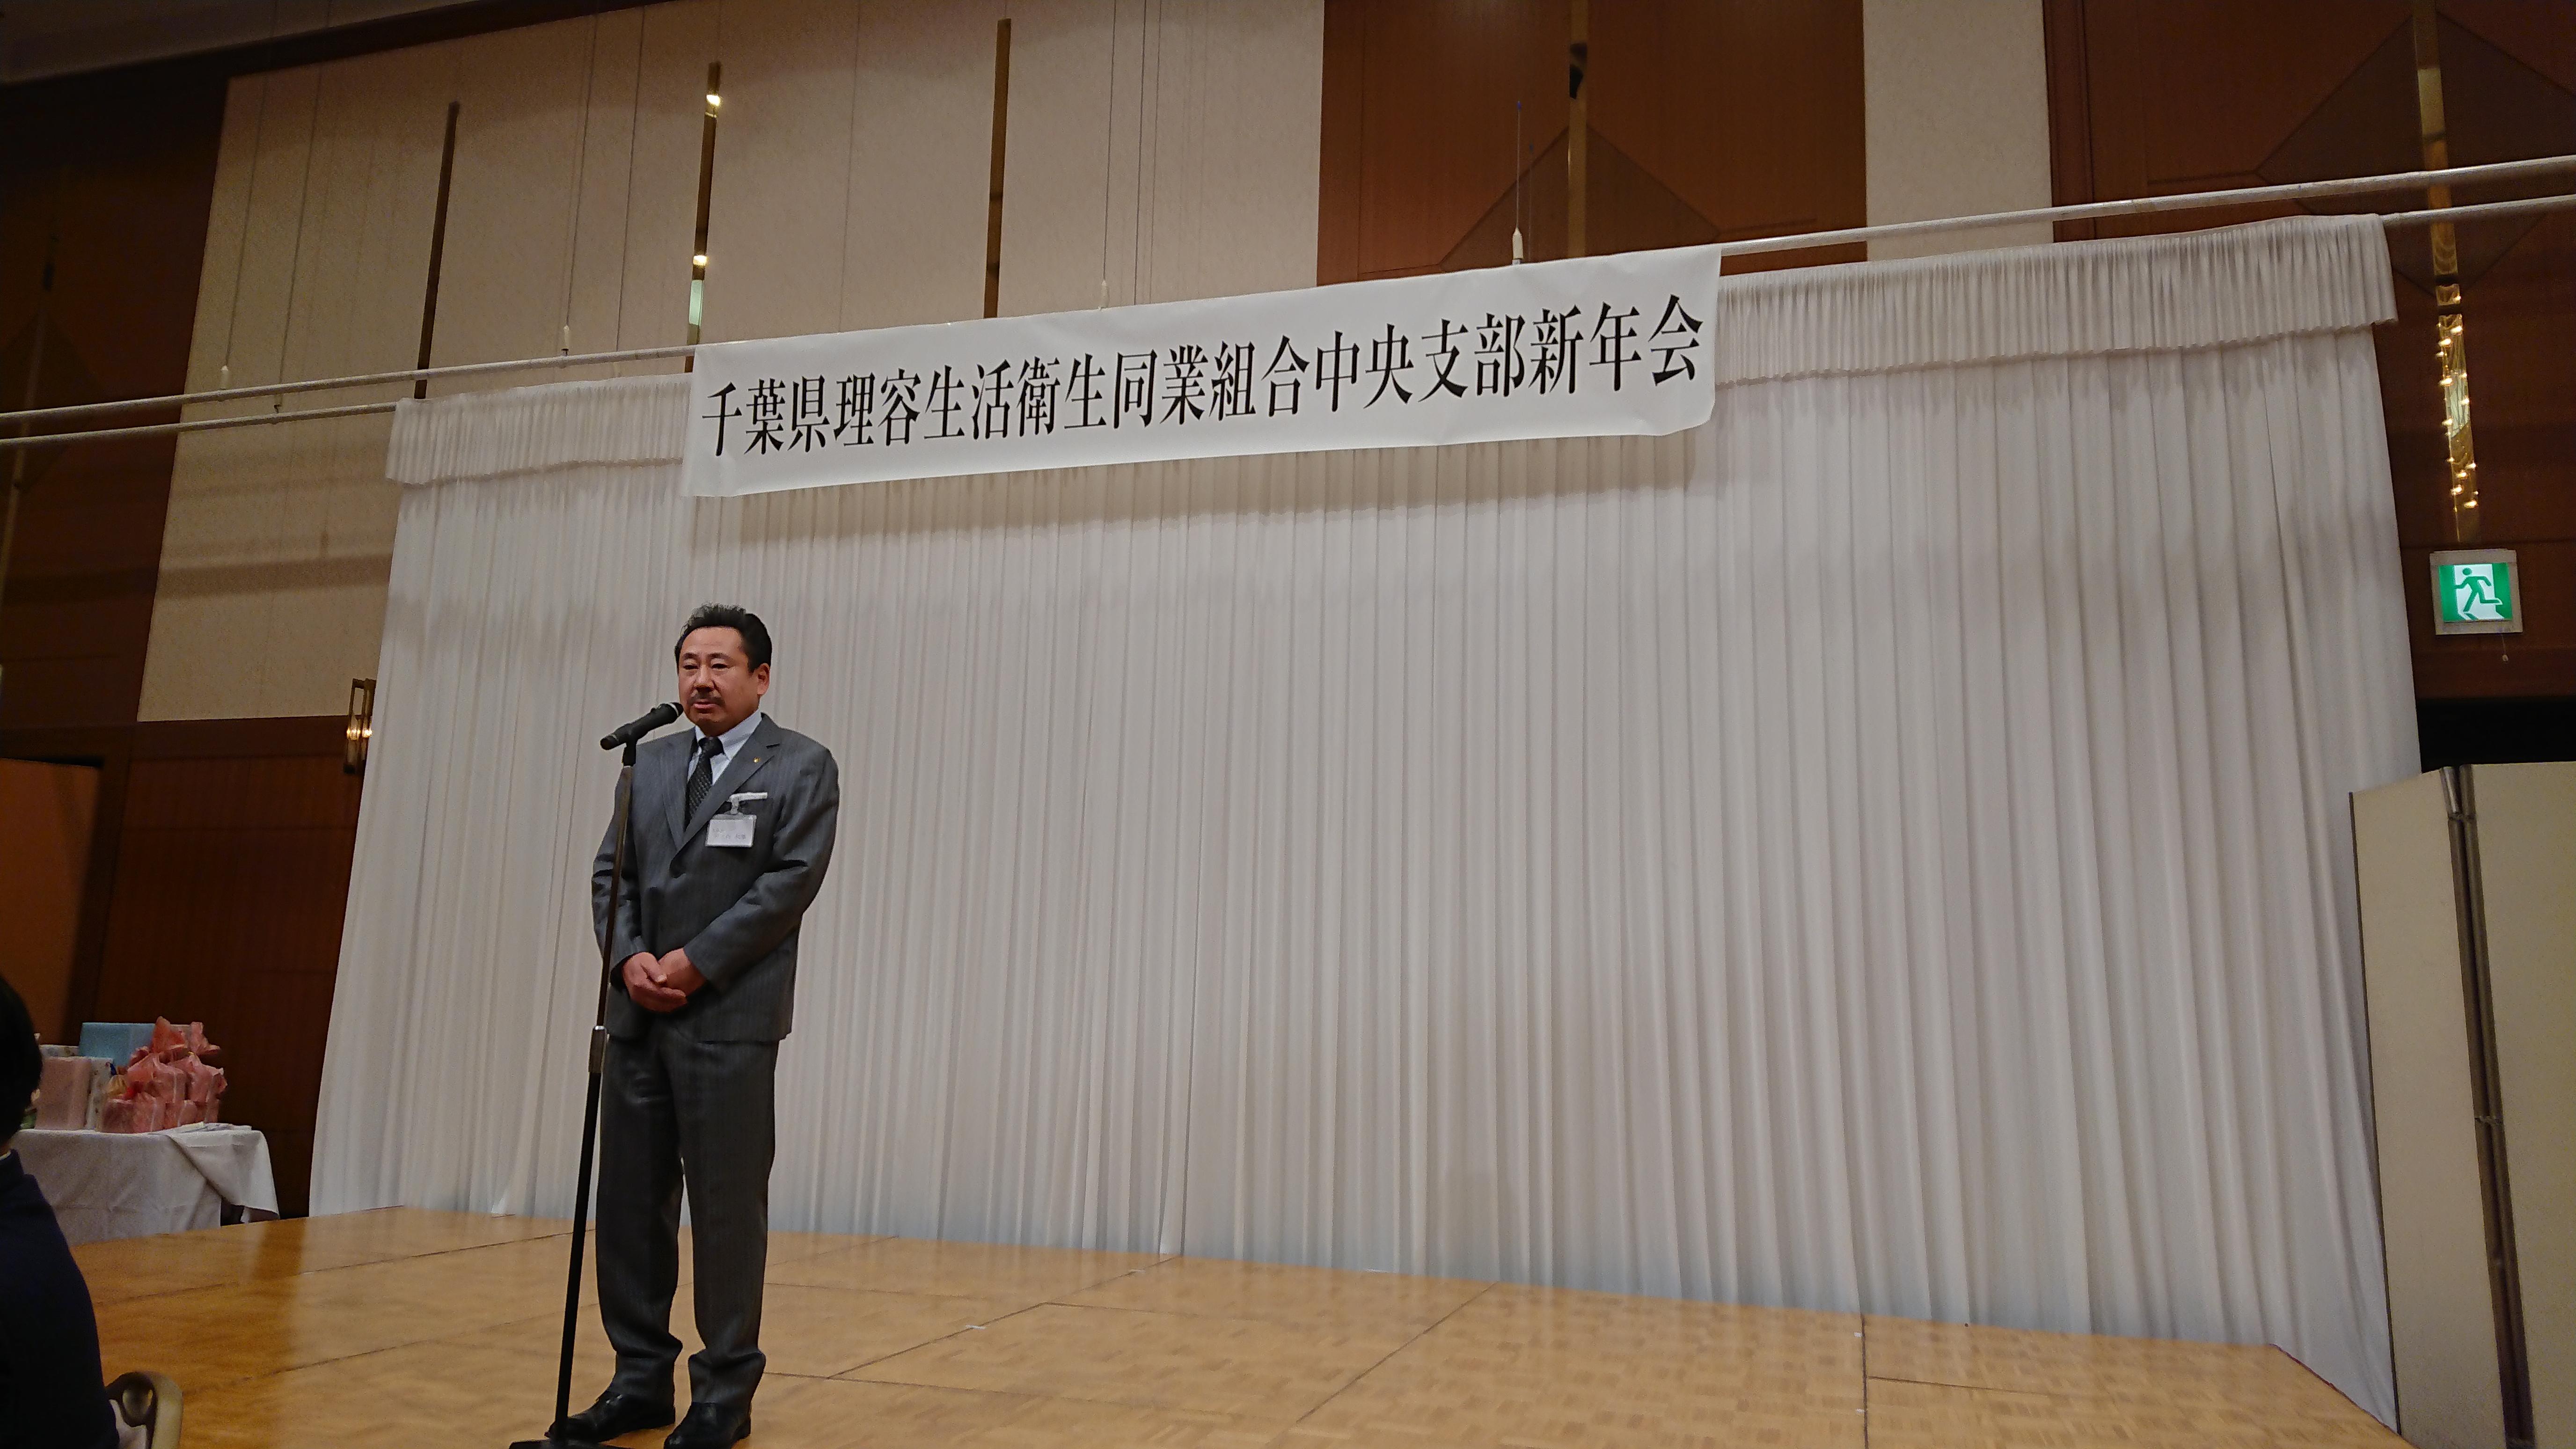 千葉県理容生活衛生協同組合中央支部新年会